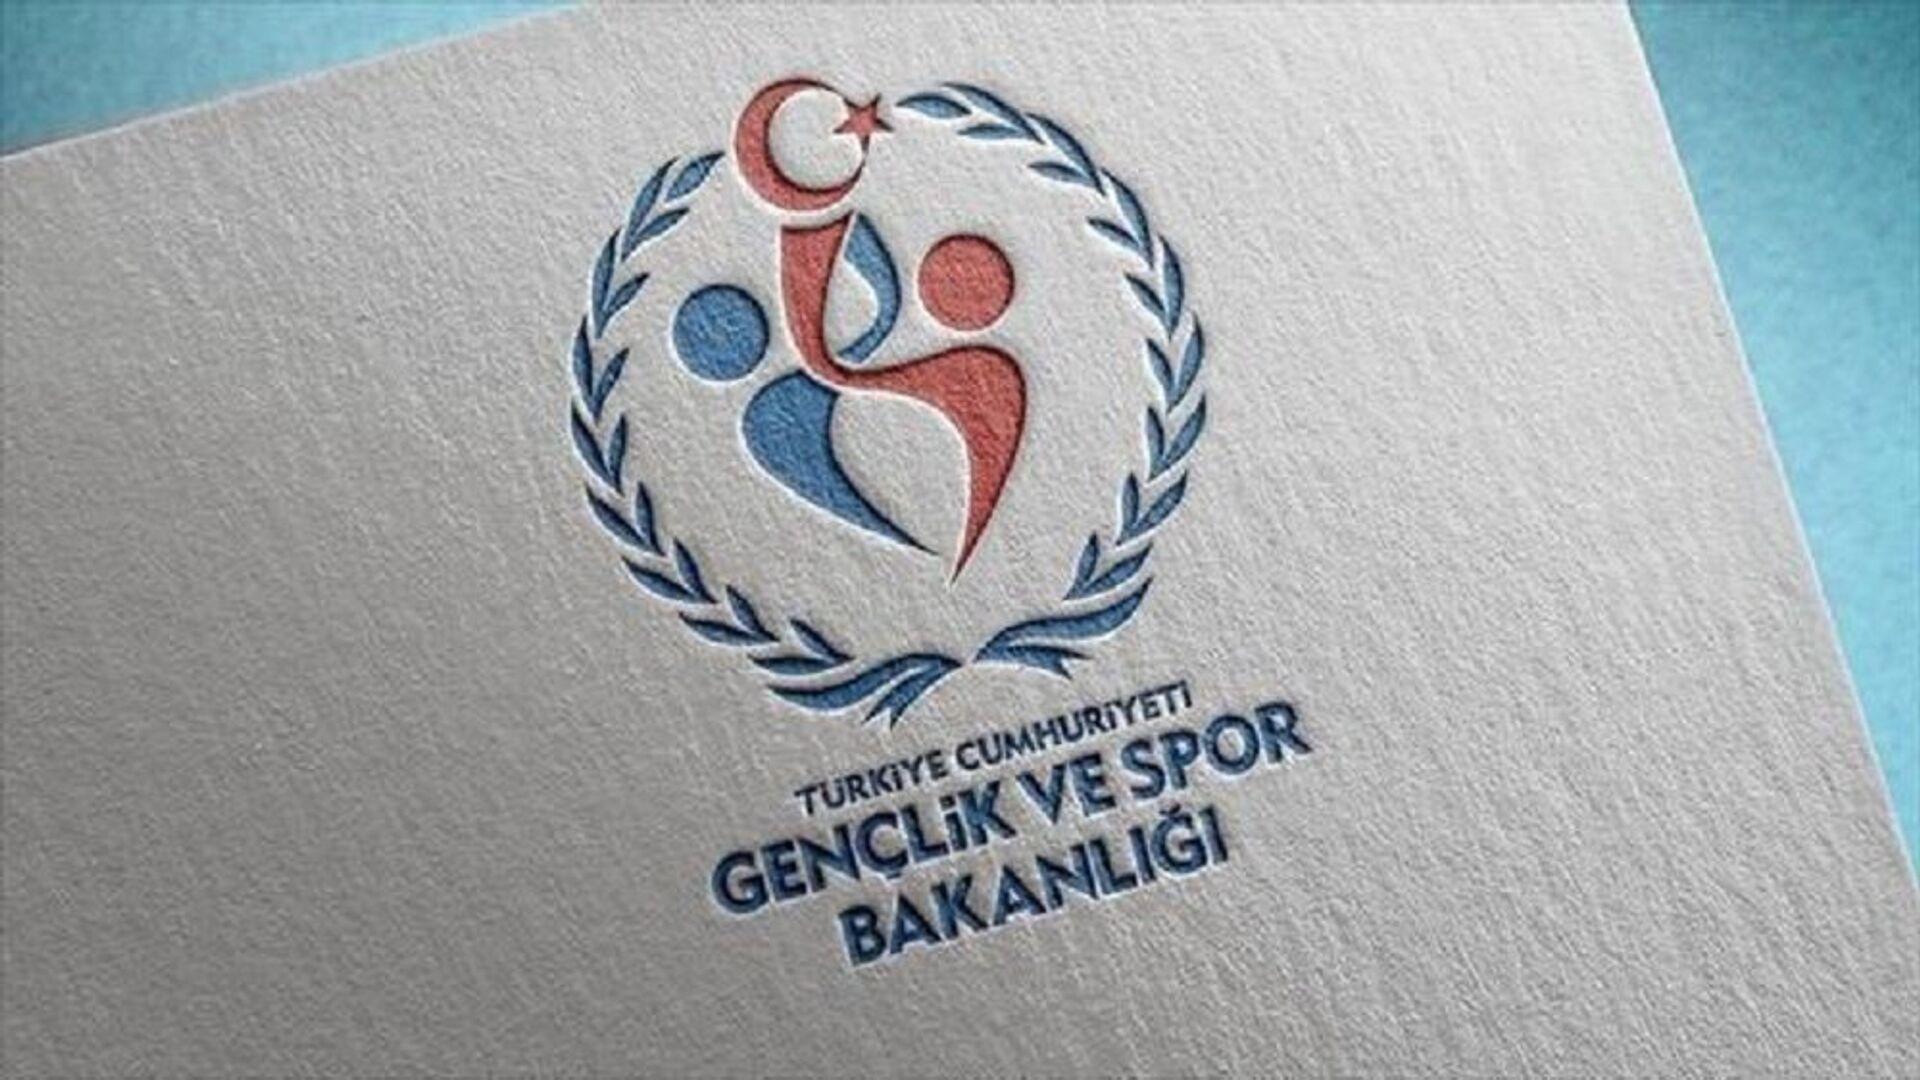 Gençlik ve Spor Bakanlığı - Sputnik Türkiye, 1920, 28.09.2021